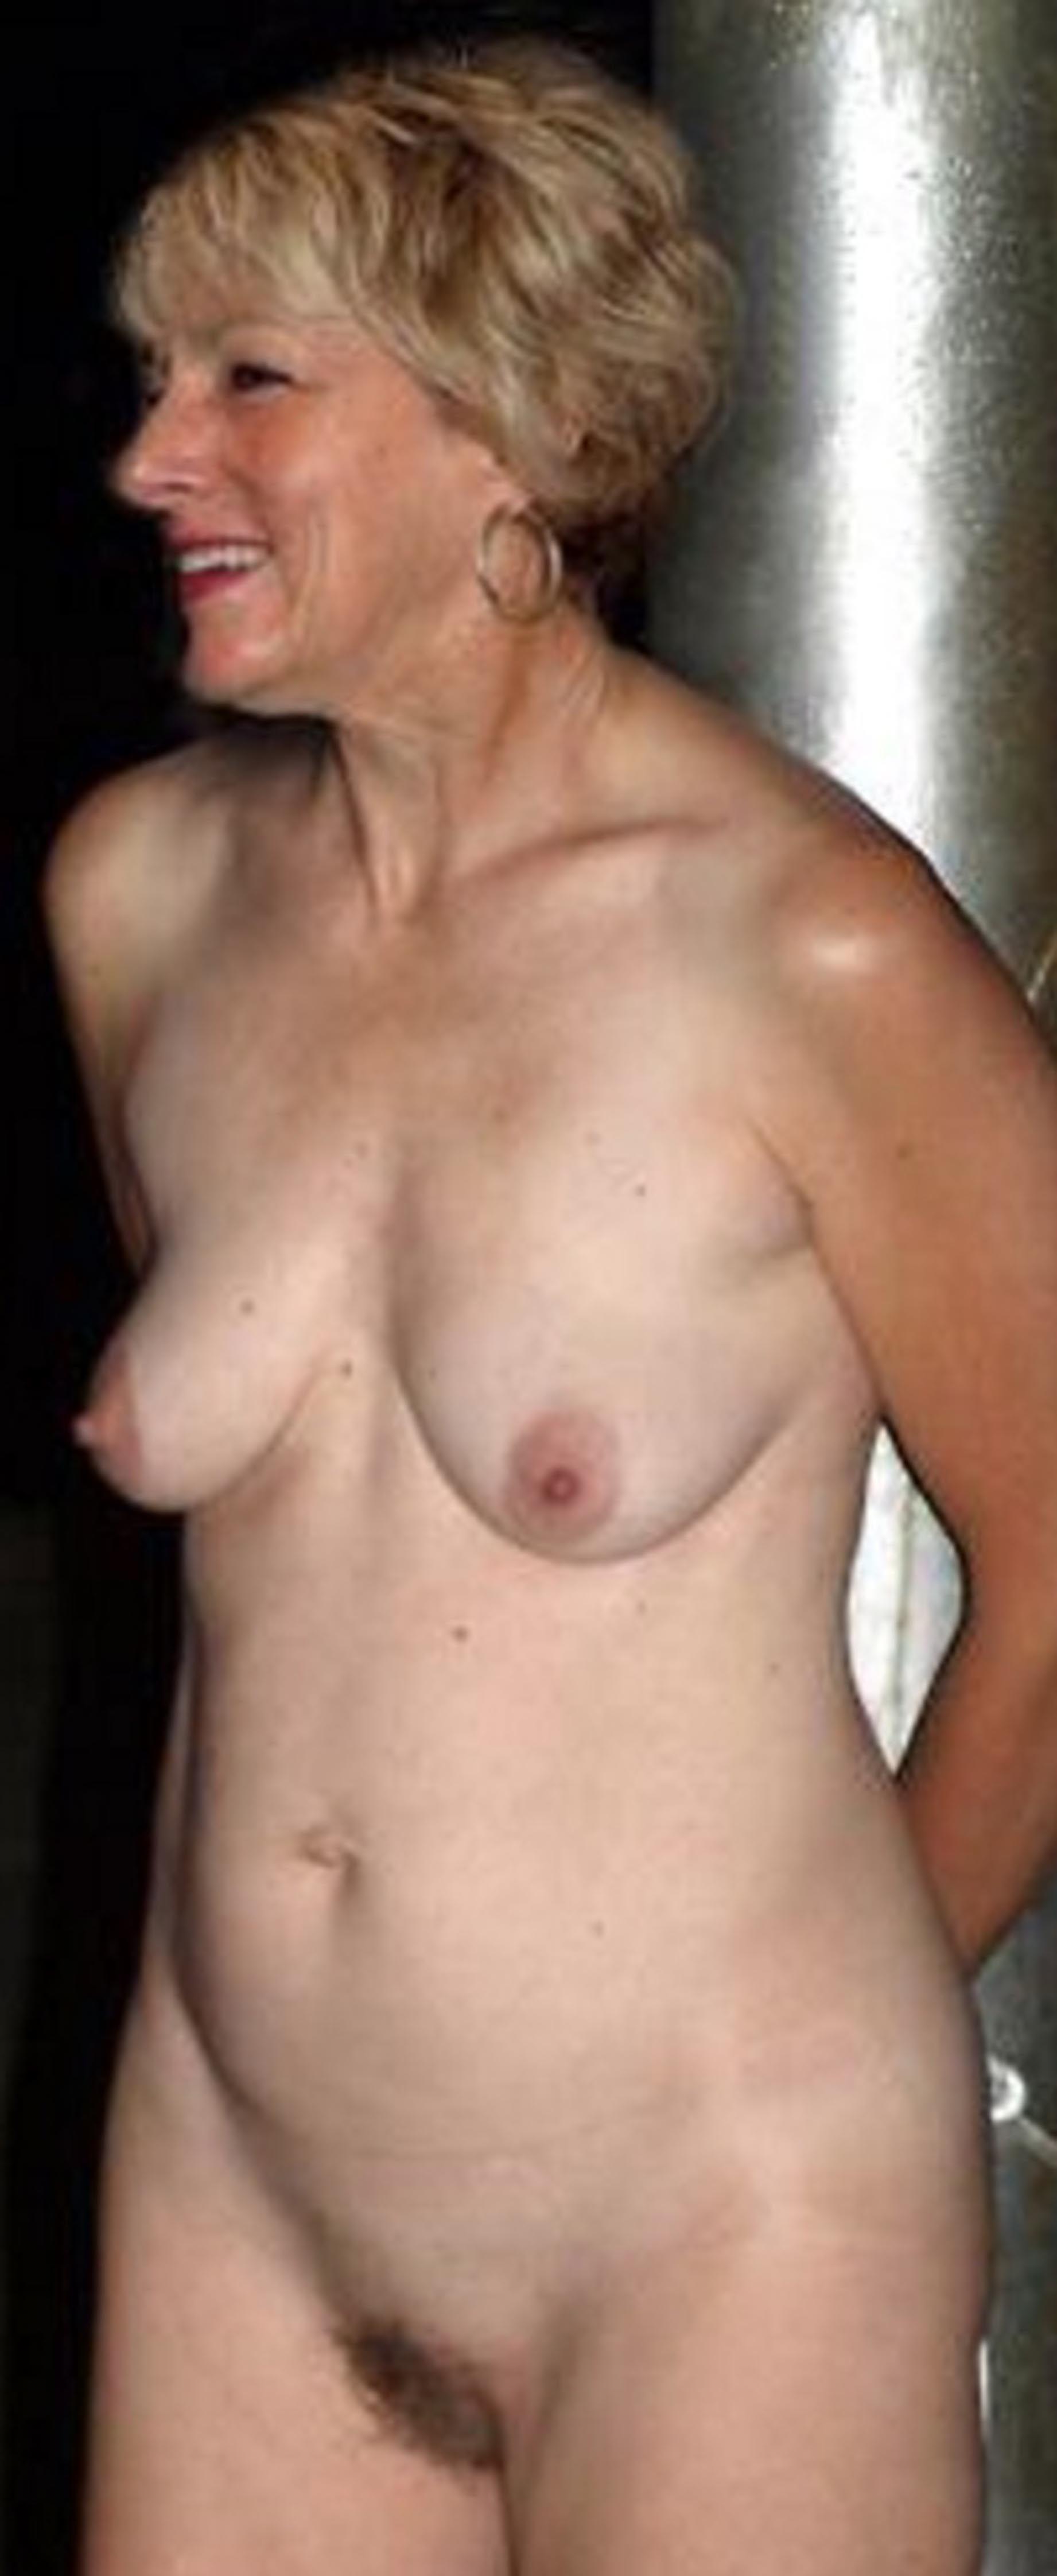 Ffffound naked girl having sex